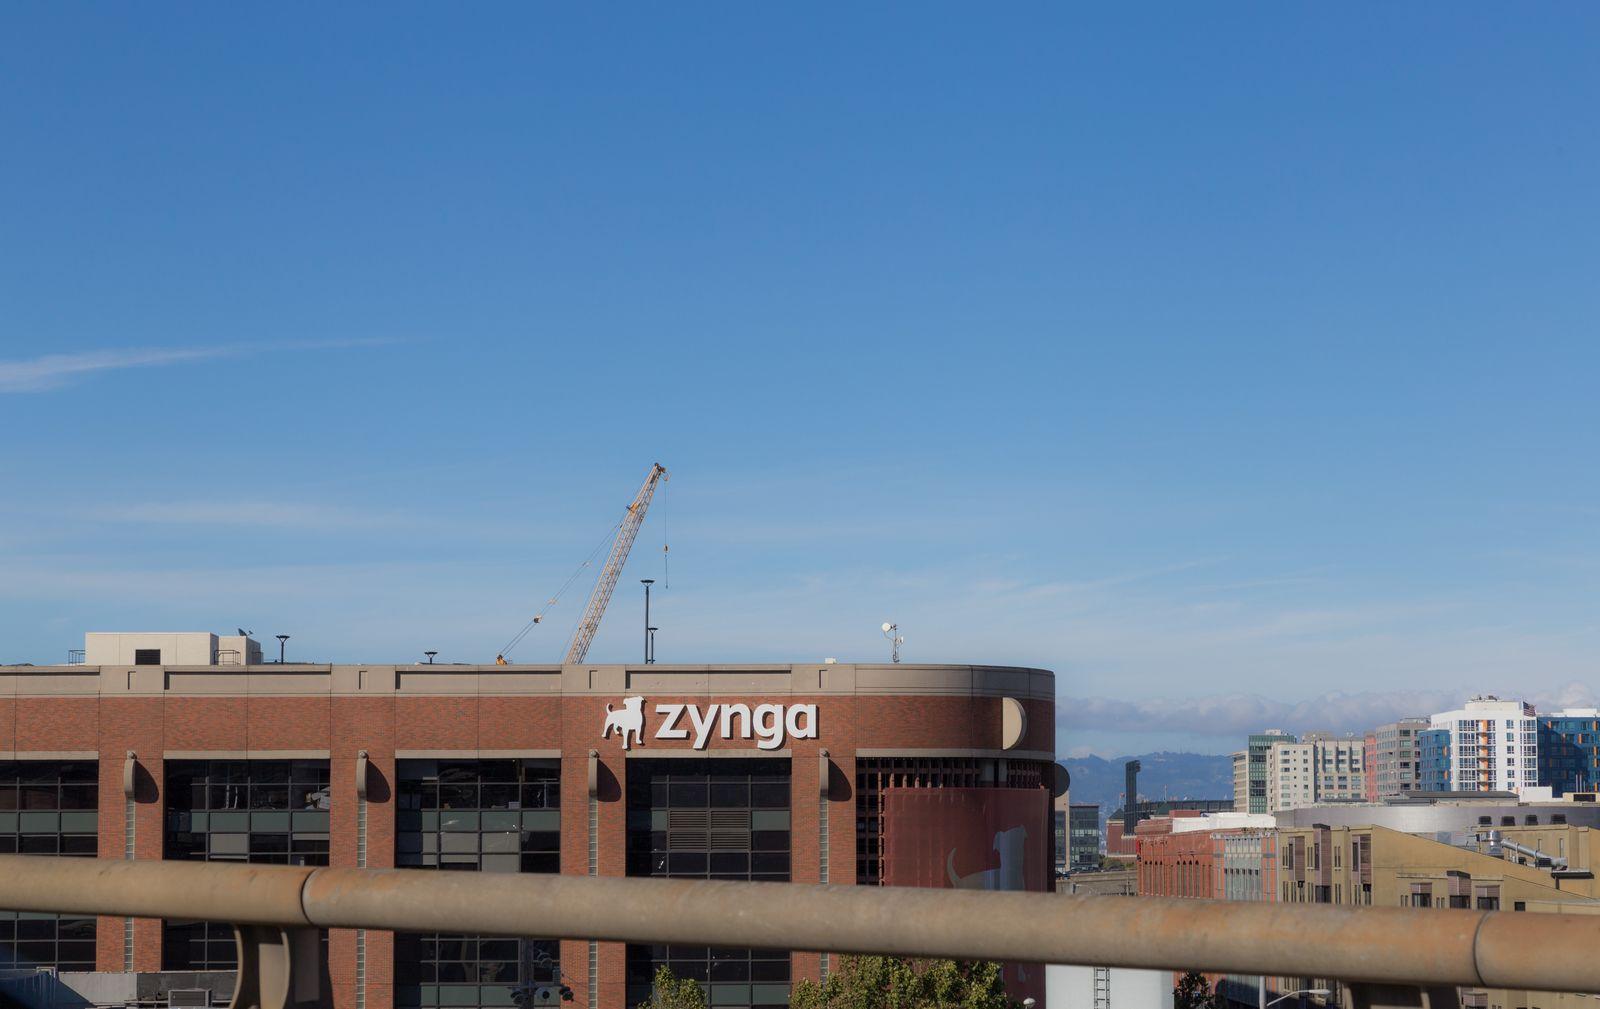 Cuartel general de Zynga, los creadores de Farmville